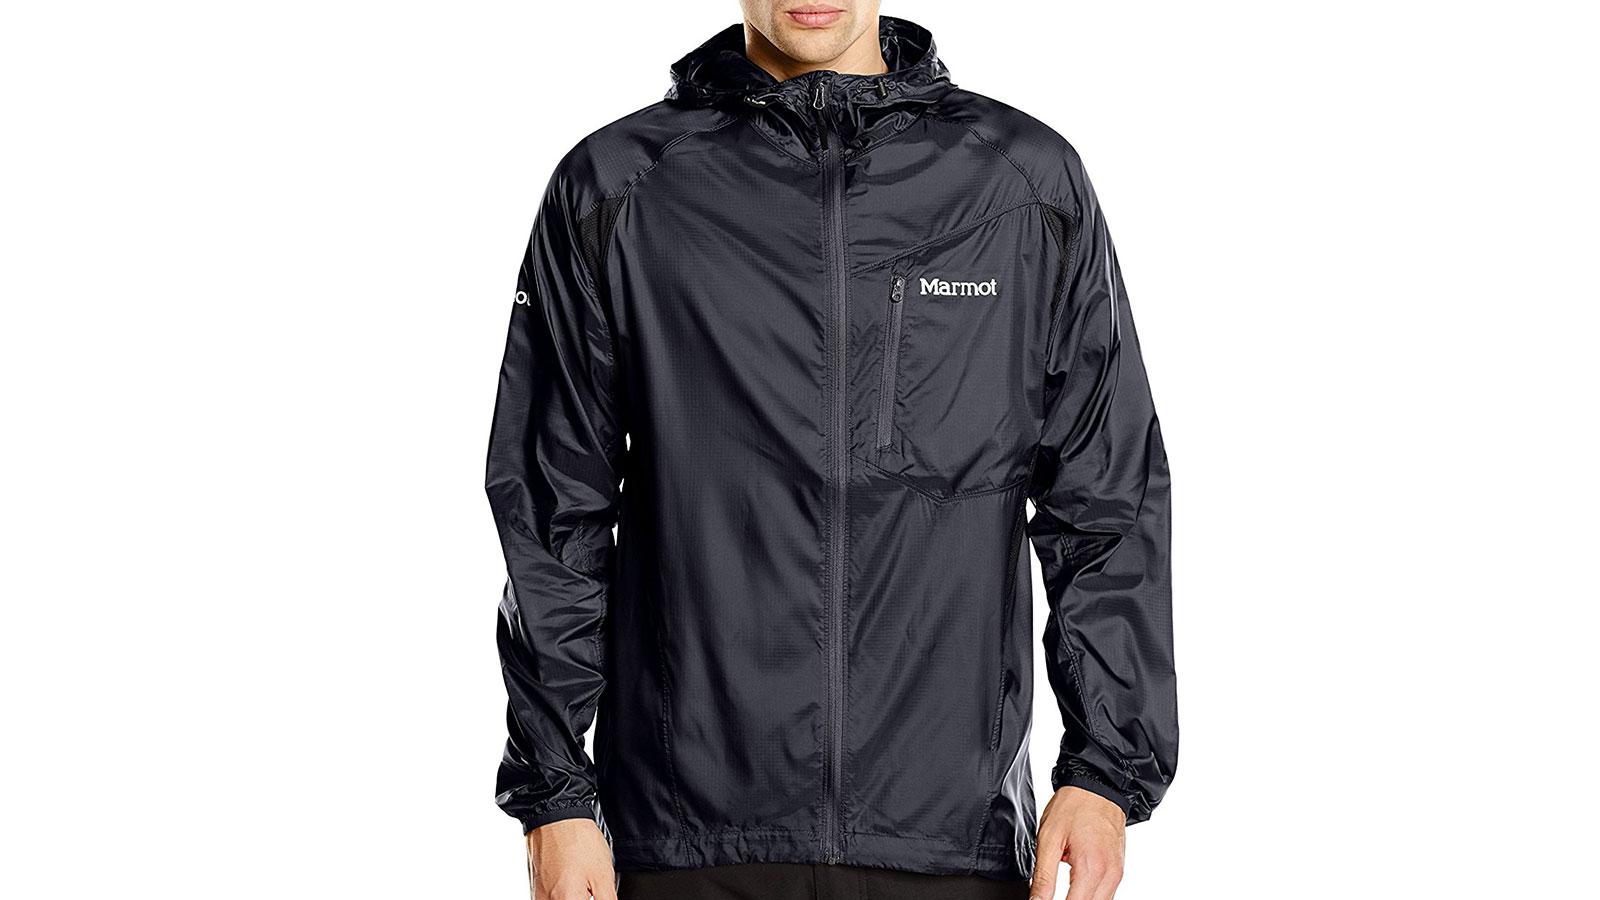 Marmot Trail Wind Hooded Men's Windbreaker Jacket | the best men's windbreakr jackets